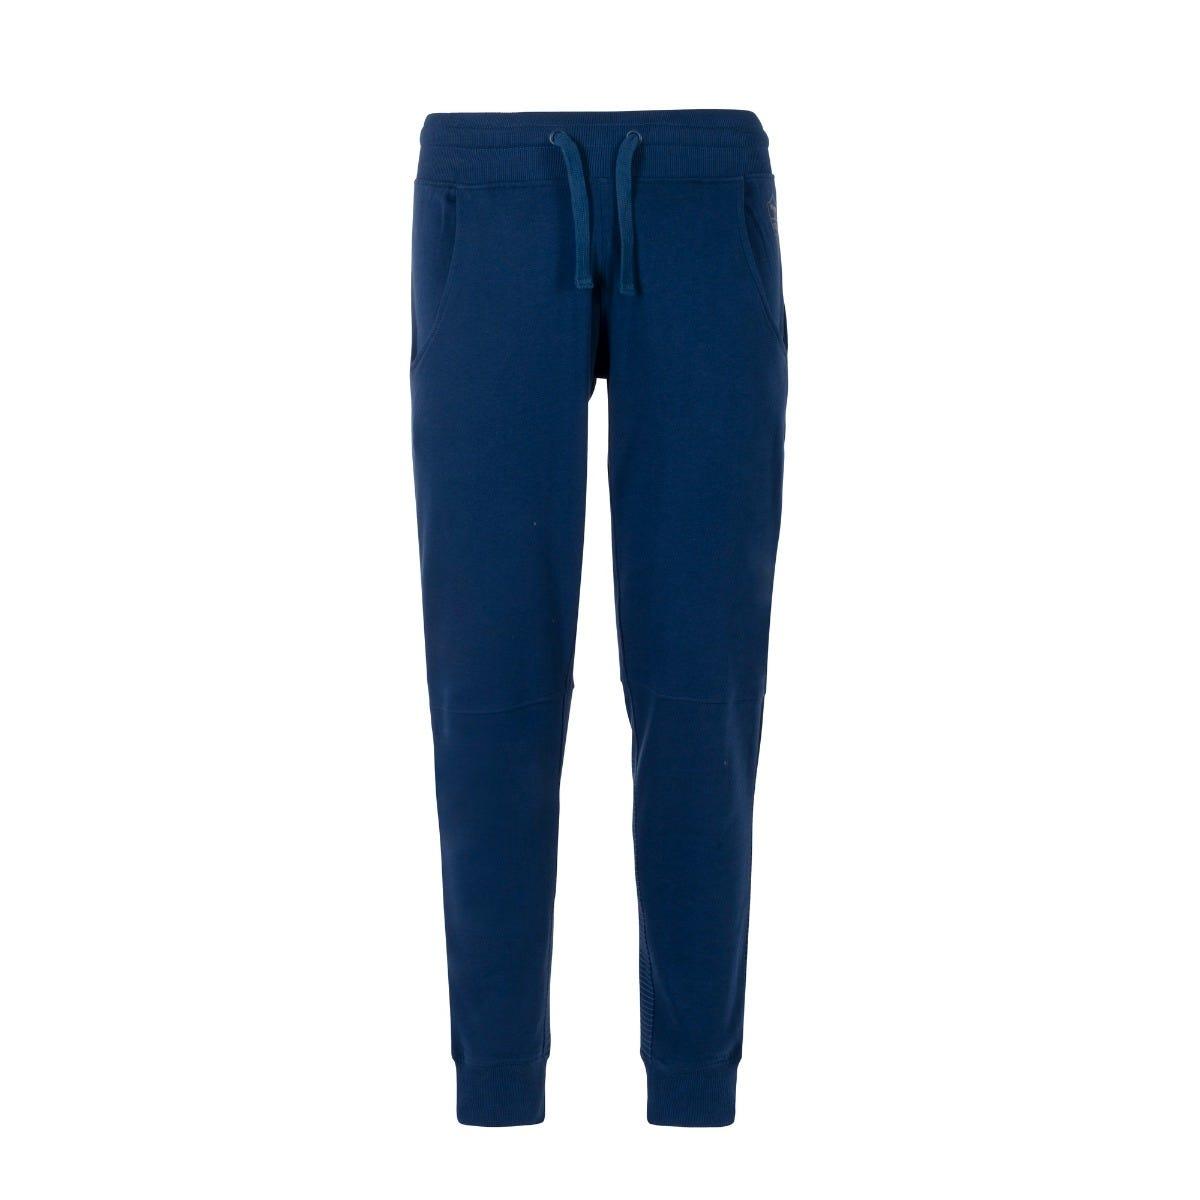 Tute e Pantaloni Uomo - Abbigliamento - AS Roma Store